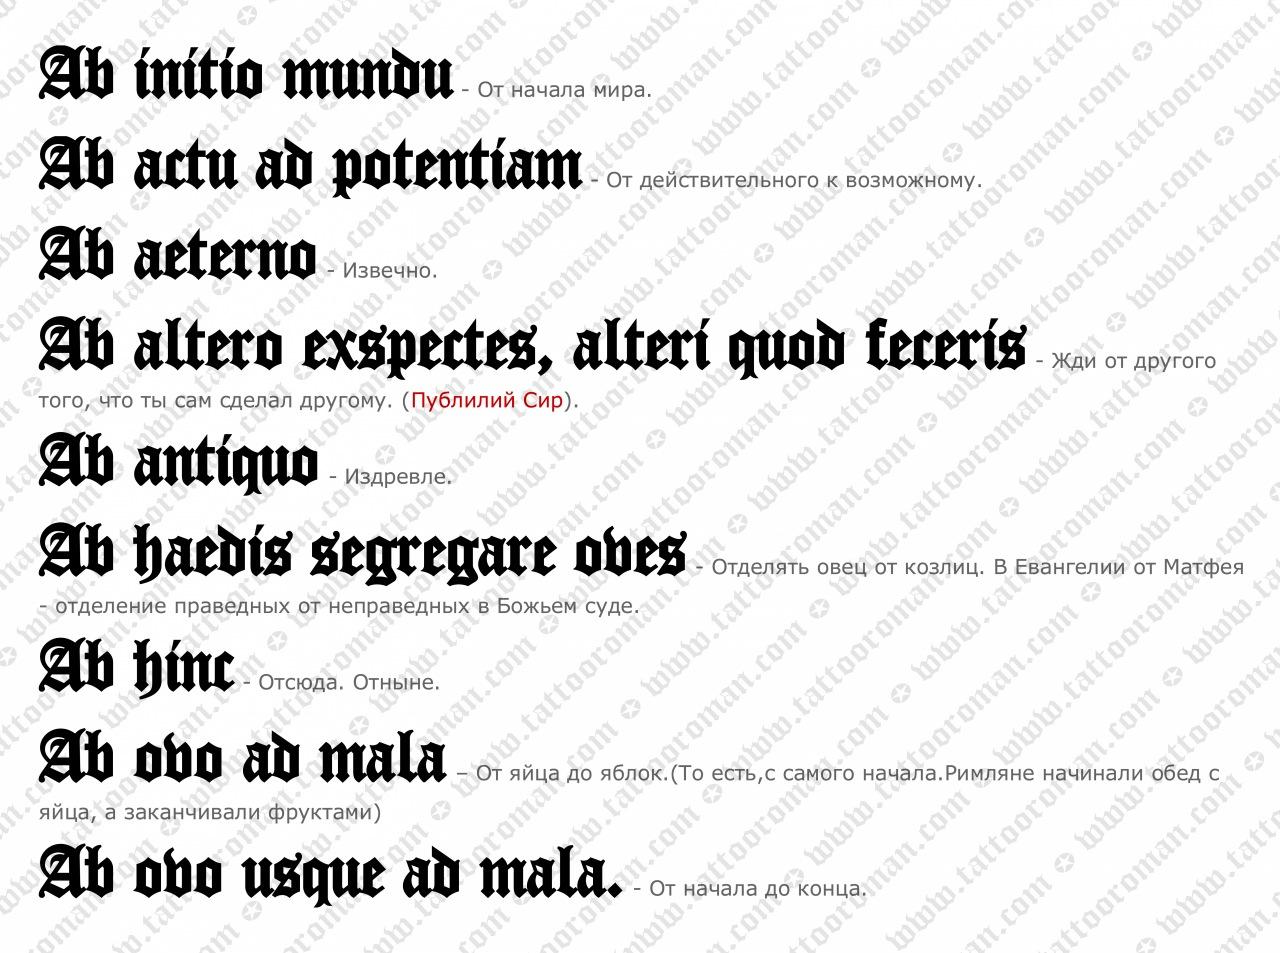 Перевод на латыни для тату с переводом для девушек